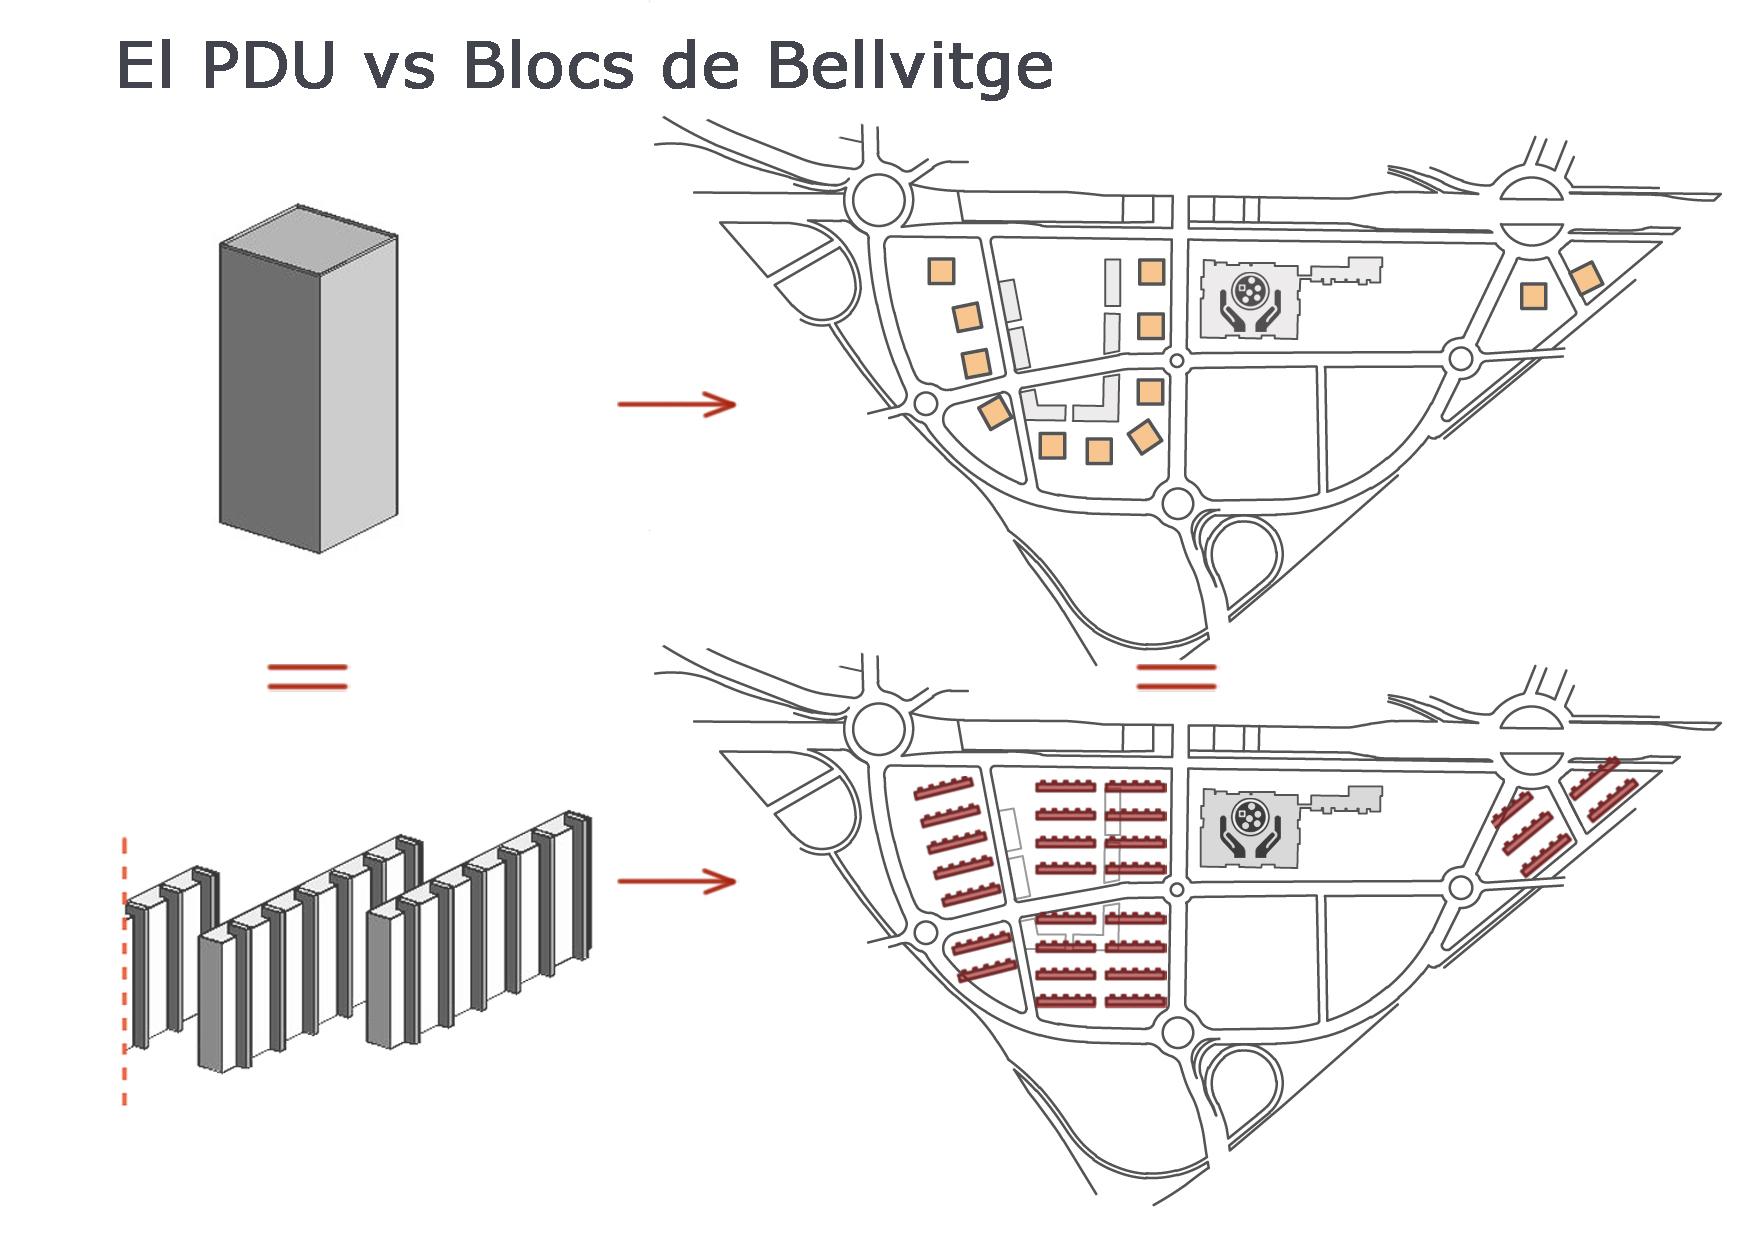 Assessoria Tècnica Per Preparar Al·legacions Contra El PDU-Gran Via Llobregat